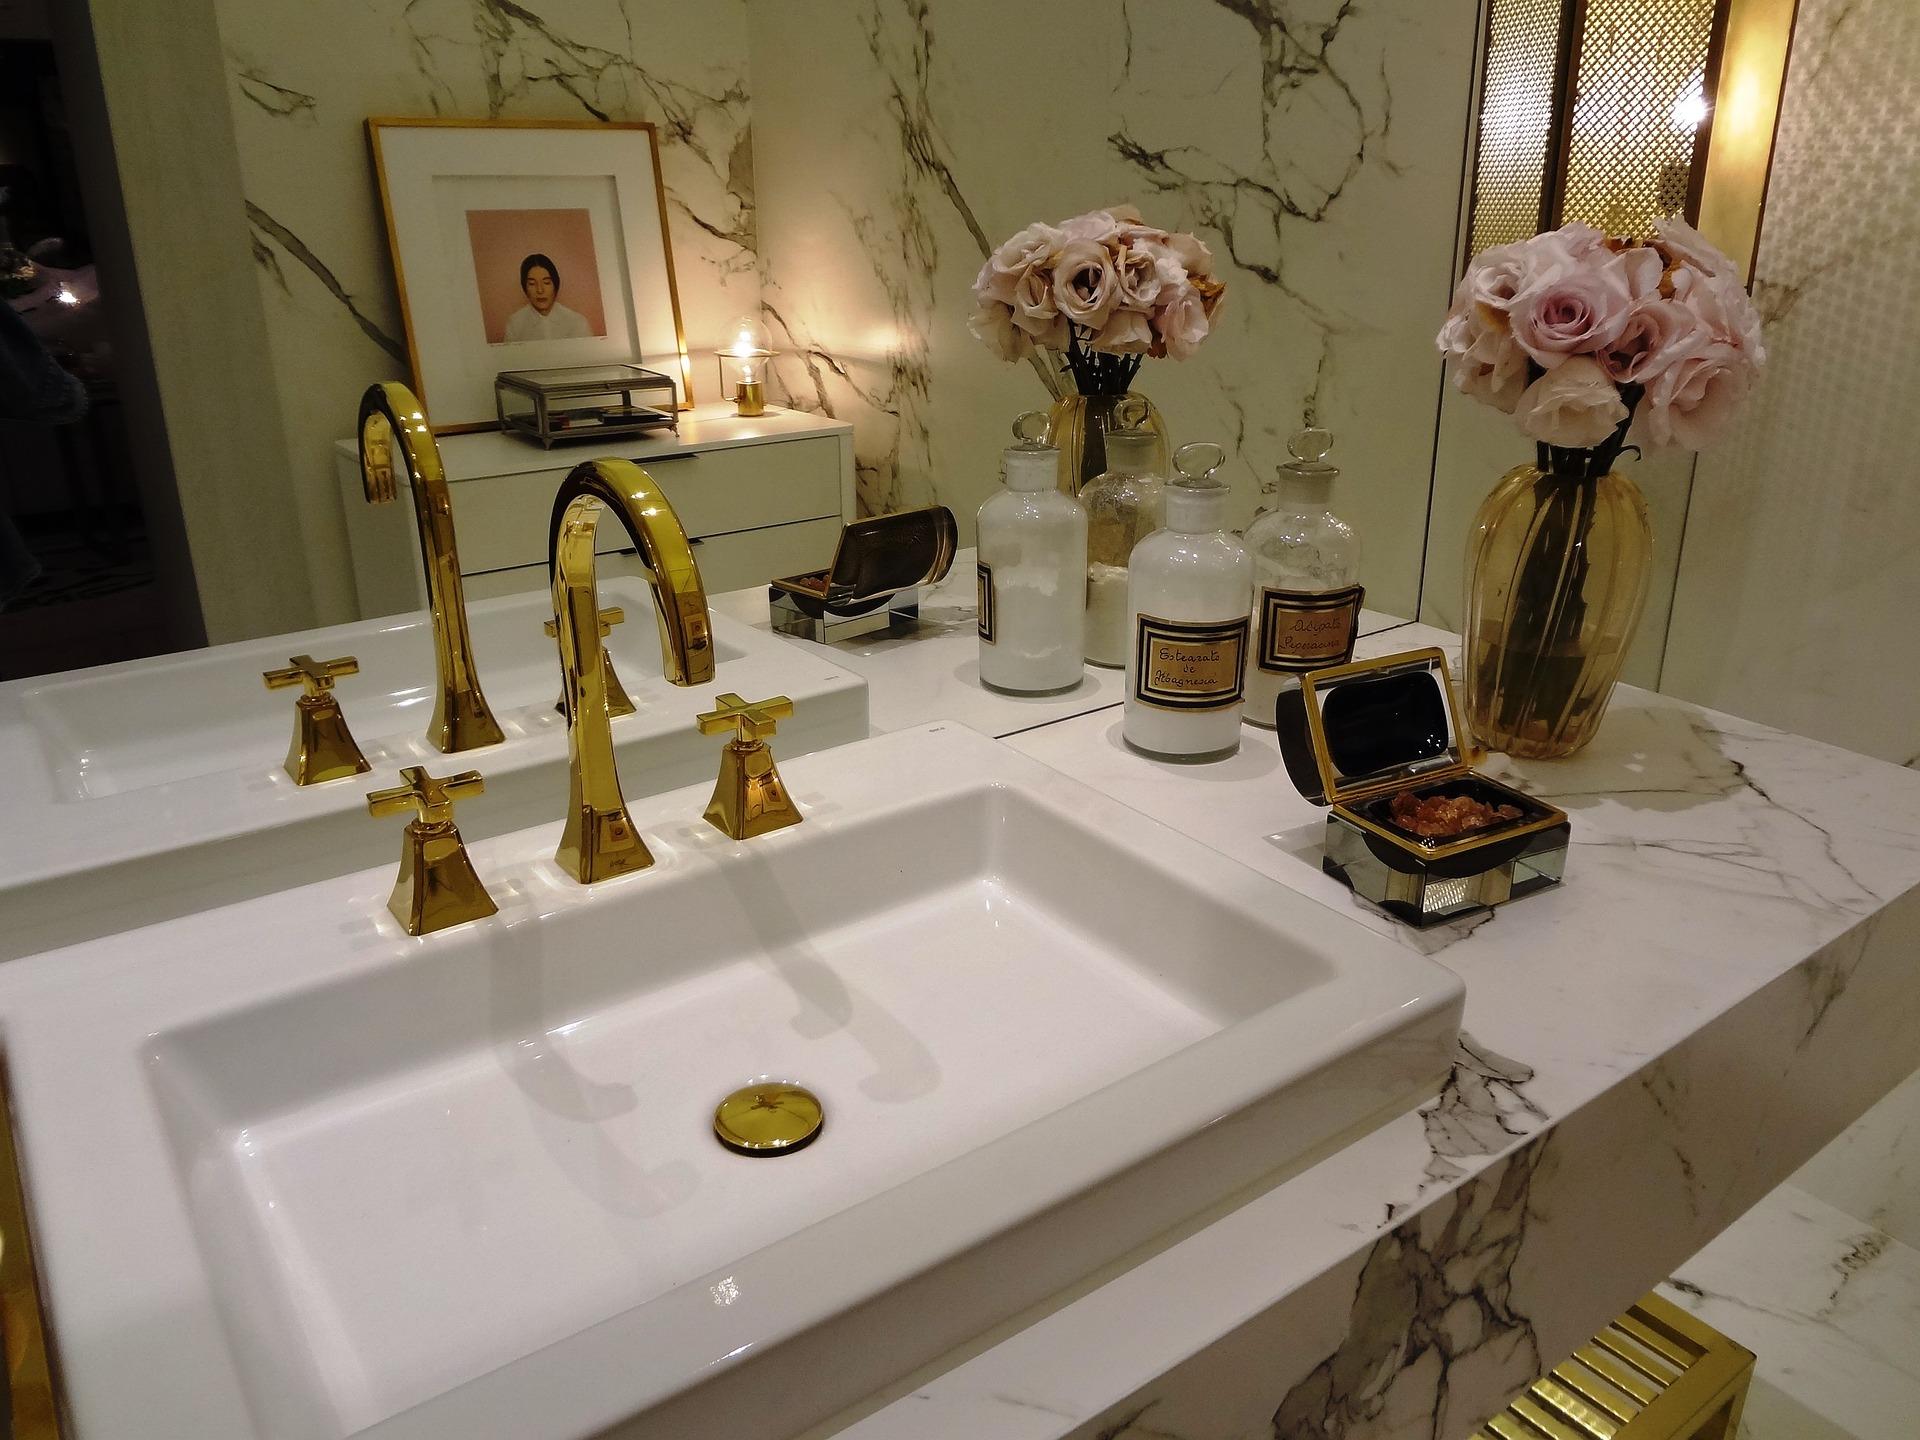 Design Bagno 2015 : Arredamento bagno 2015-2016: le nuove tendenze del ...